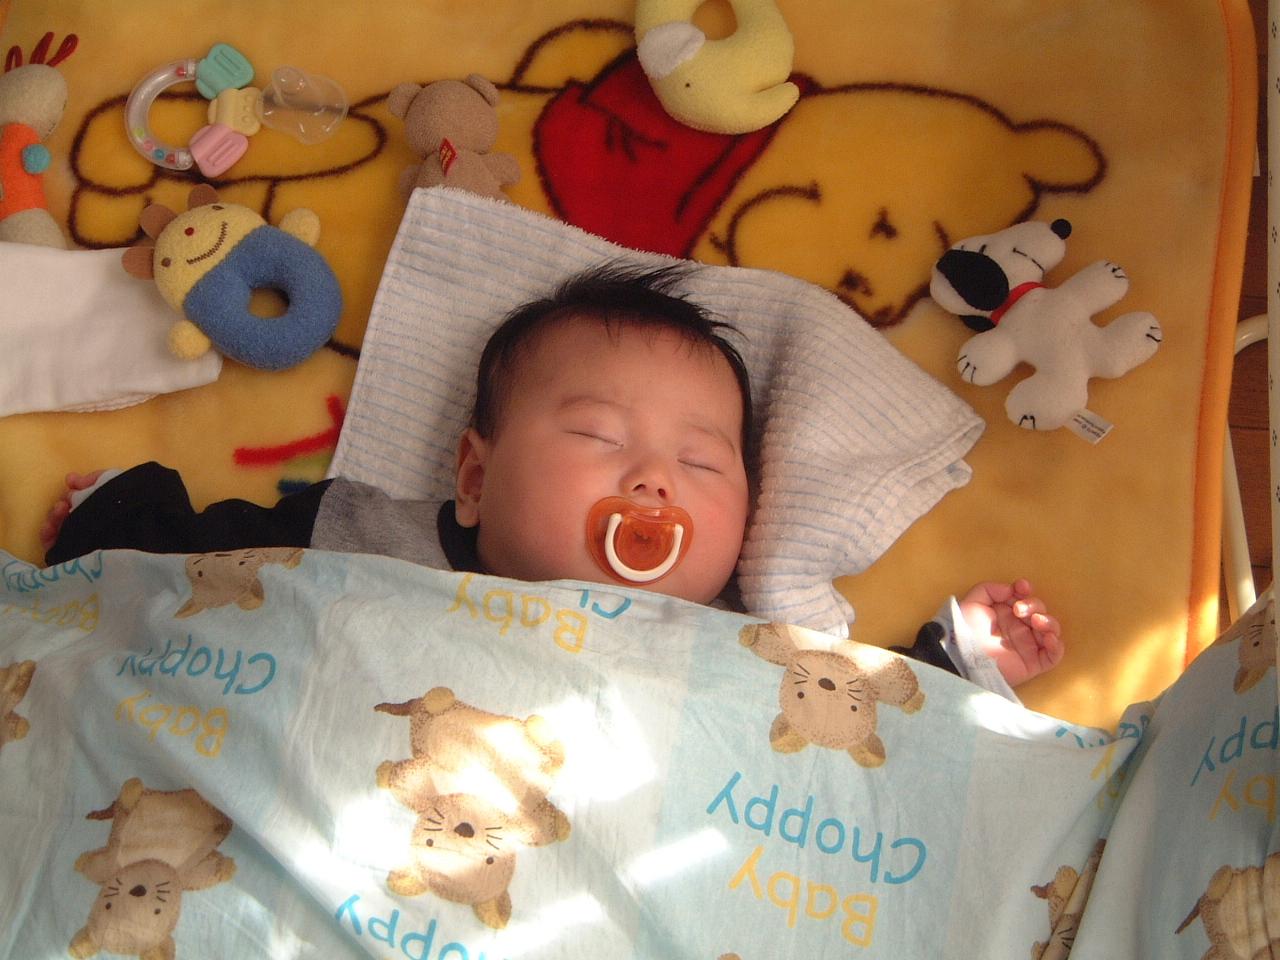 男の赤ちゃん 生後4ヵ月